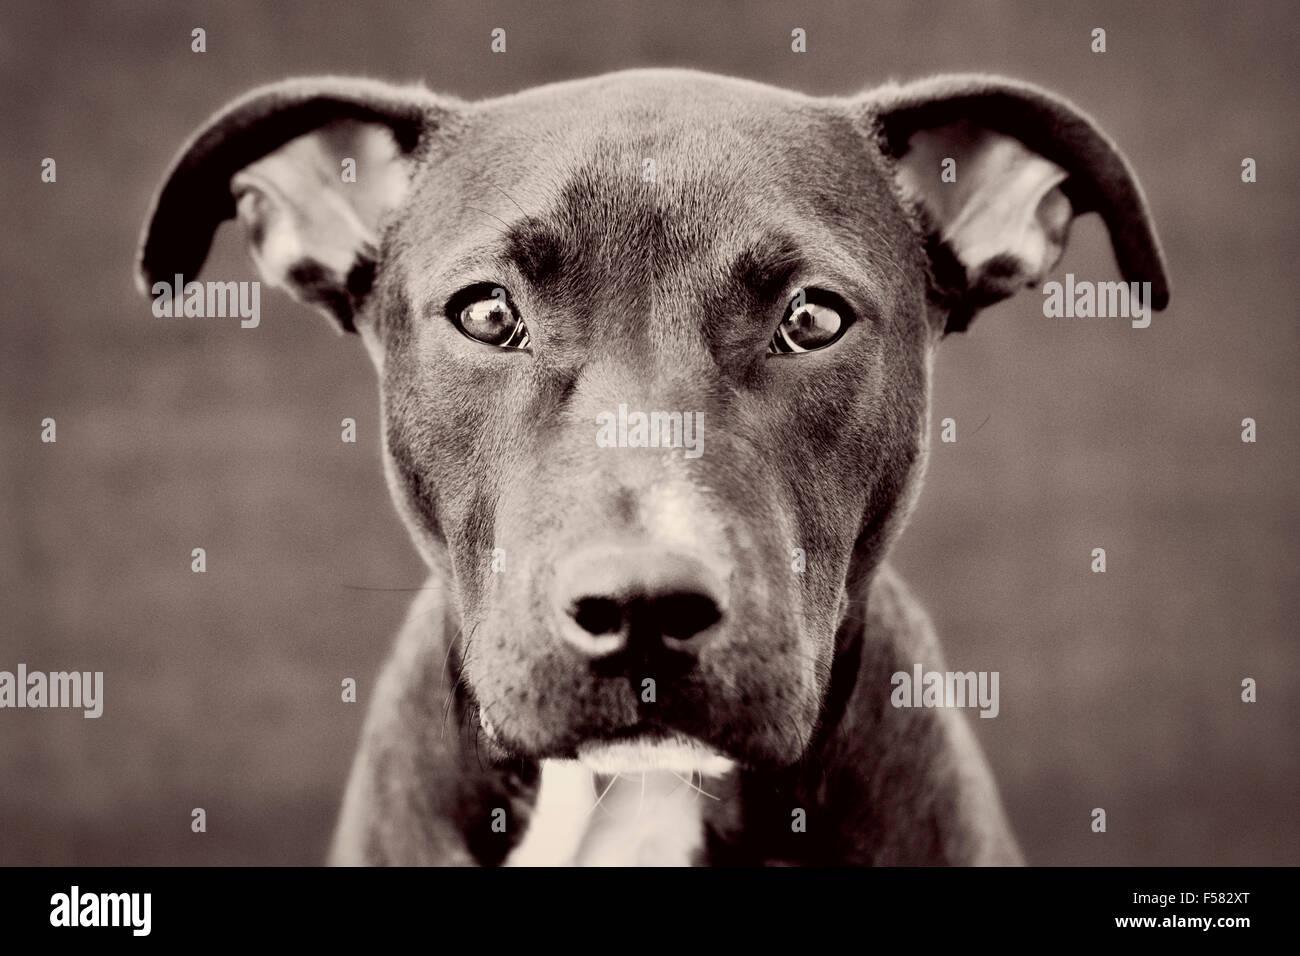 Fesselnden schwarz-weiß getönt Kopfschuss Porträt des jungen schwarzen Pitbull Welpe Hund direkt Stockbild